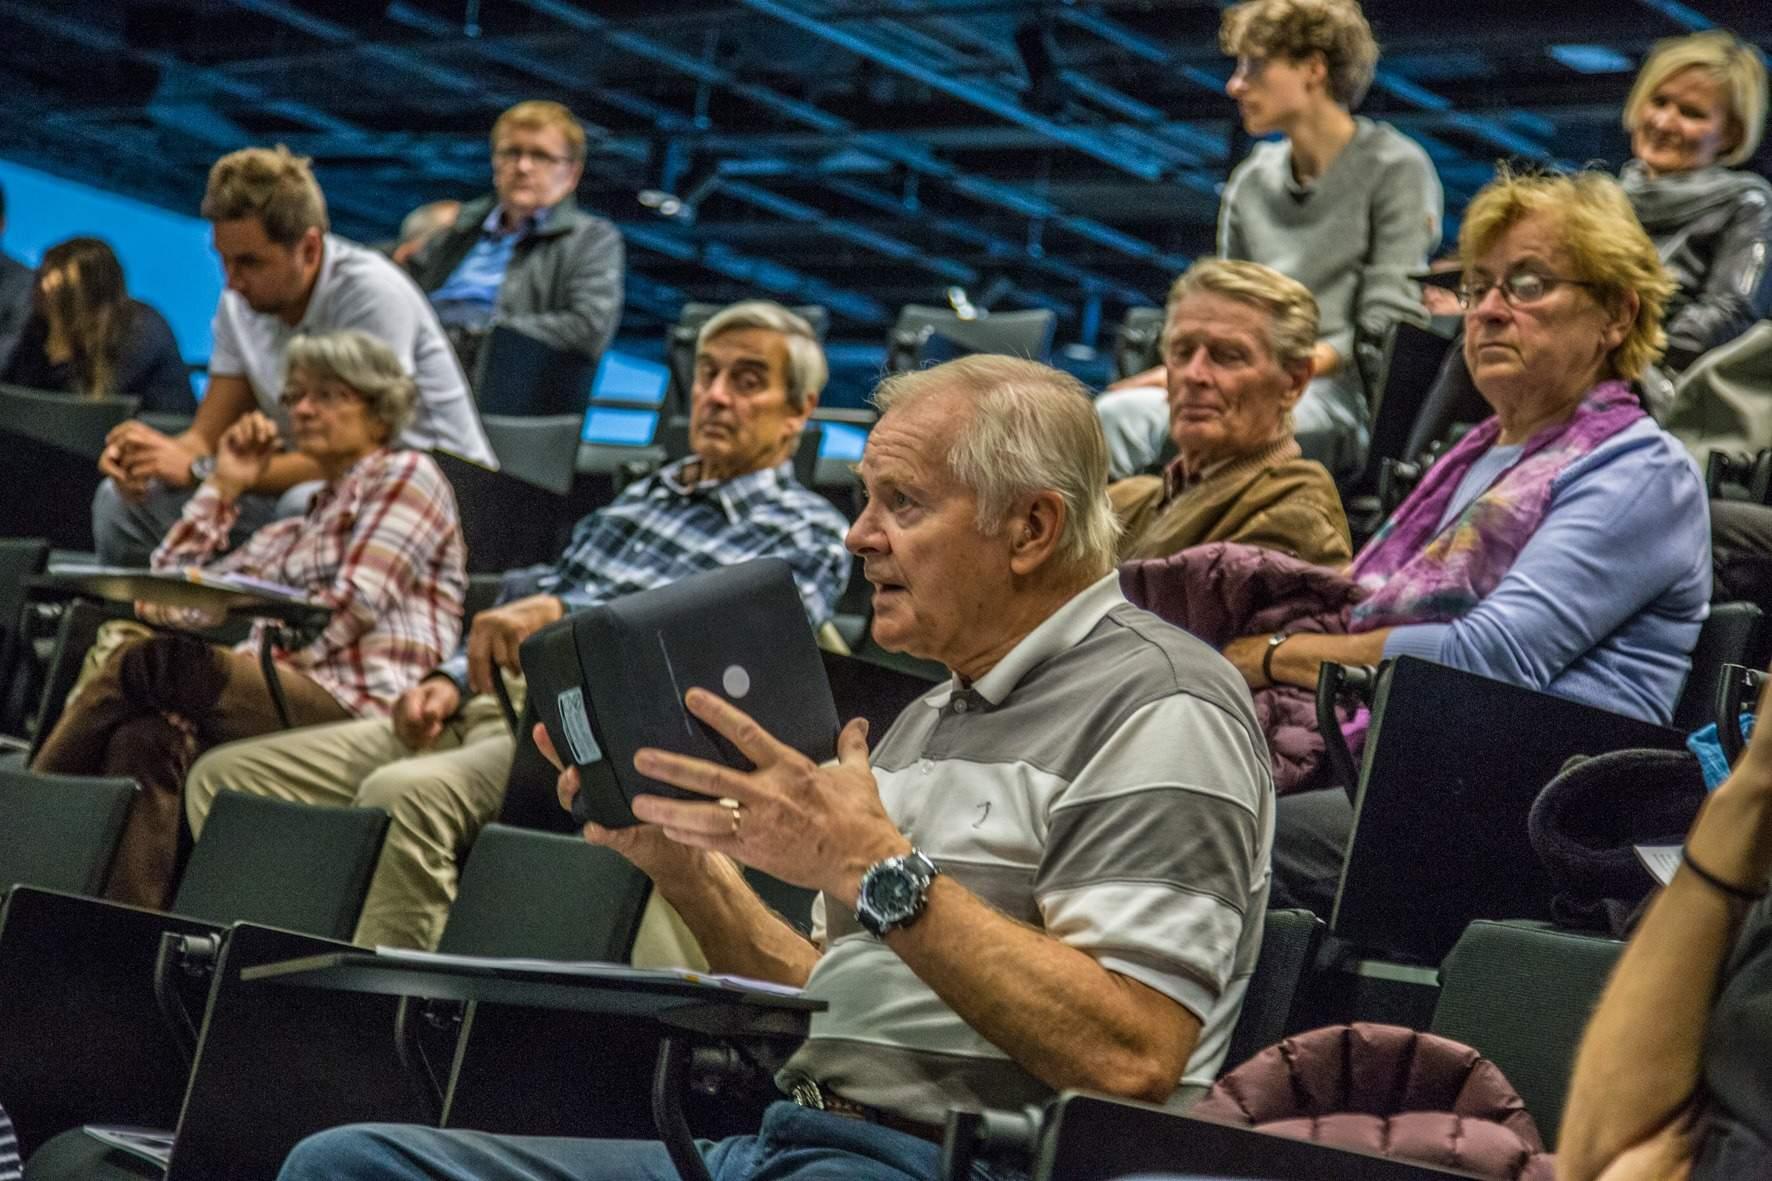 Projekt učí seniory se lépe orientovat ve světě médií. Zdroj: Archiv Transitions